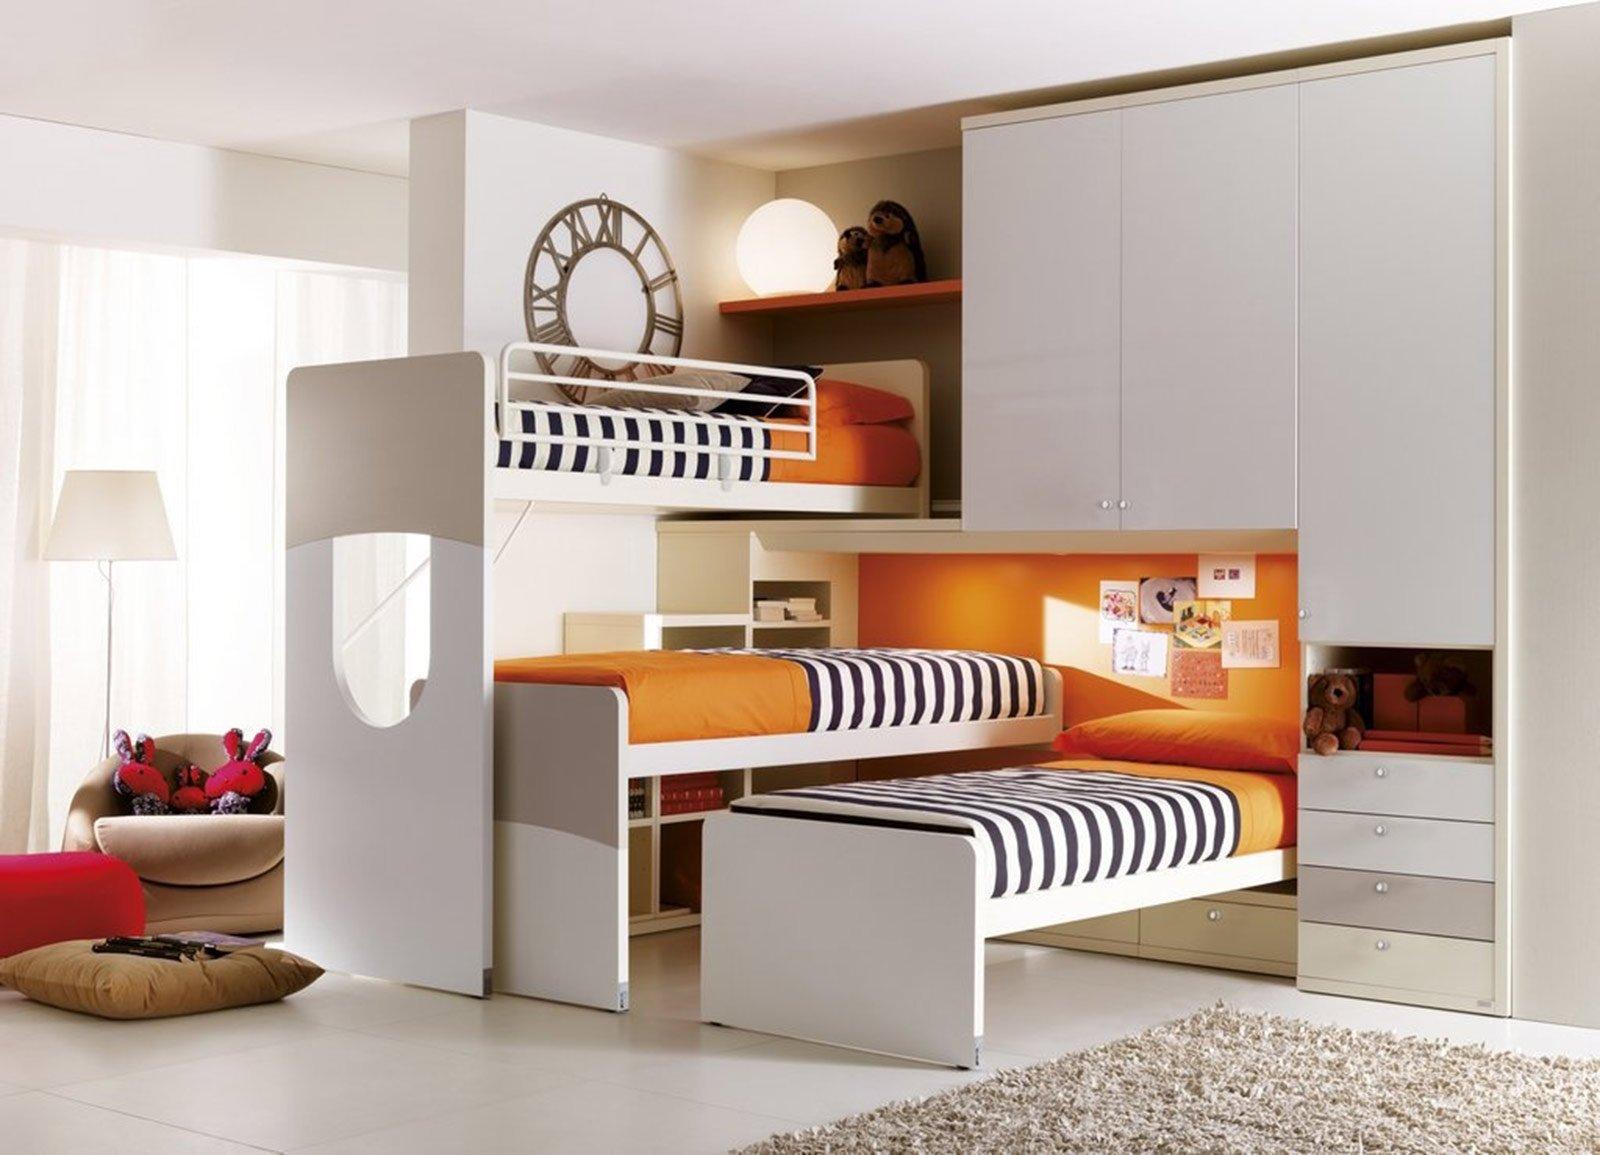 Camerette salvaspazio cose di casa - Camera da letto bambino ...